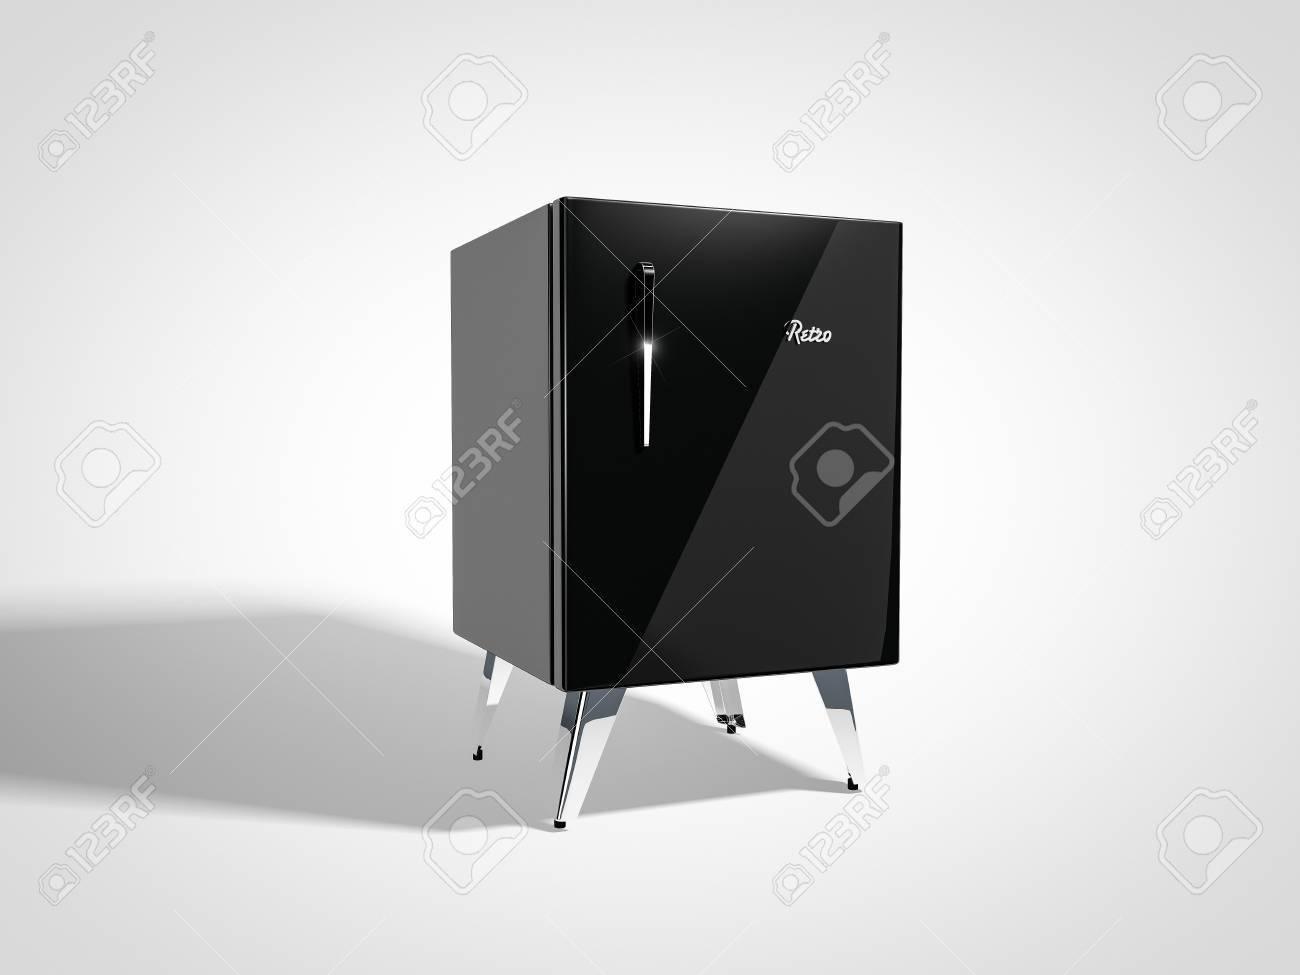 Kühlschrank Retro Schwarz : Schwarz retro kühlschrank lizenzfreie fotos bilder und stock